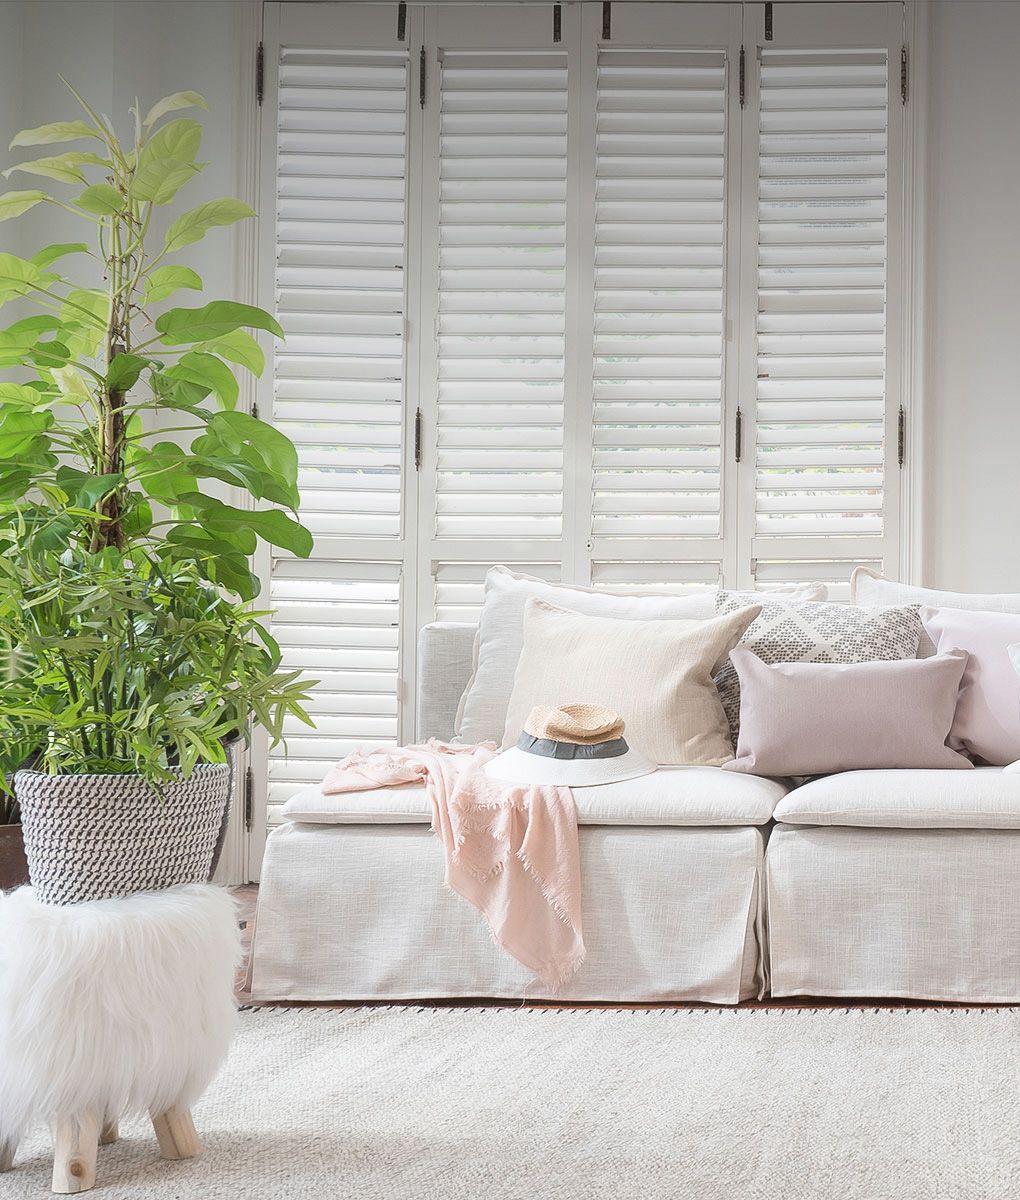 Dove Comprare Cuscini Per Divani.Eleganti Fodere Per Divani Ikea Personalizzate Comfort Works